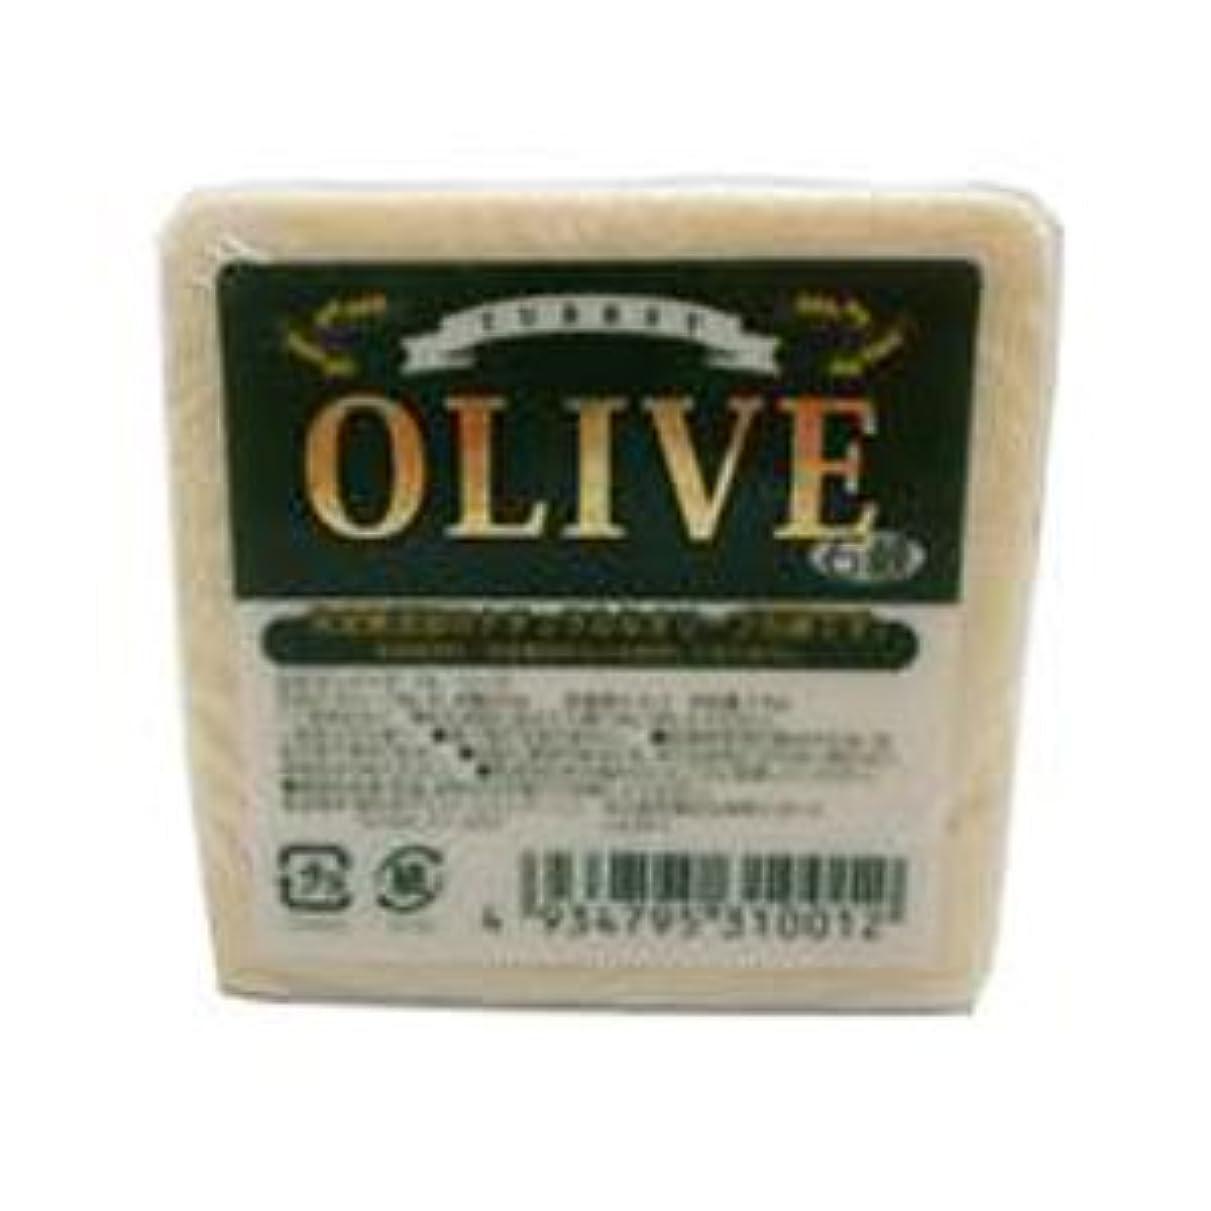 便益ペネロペ費用お得な10個セット トルコ産オリーブを使用した無添加石鹸 ターキーオリーブ石鹸 135g